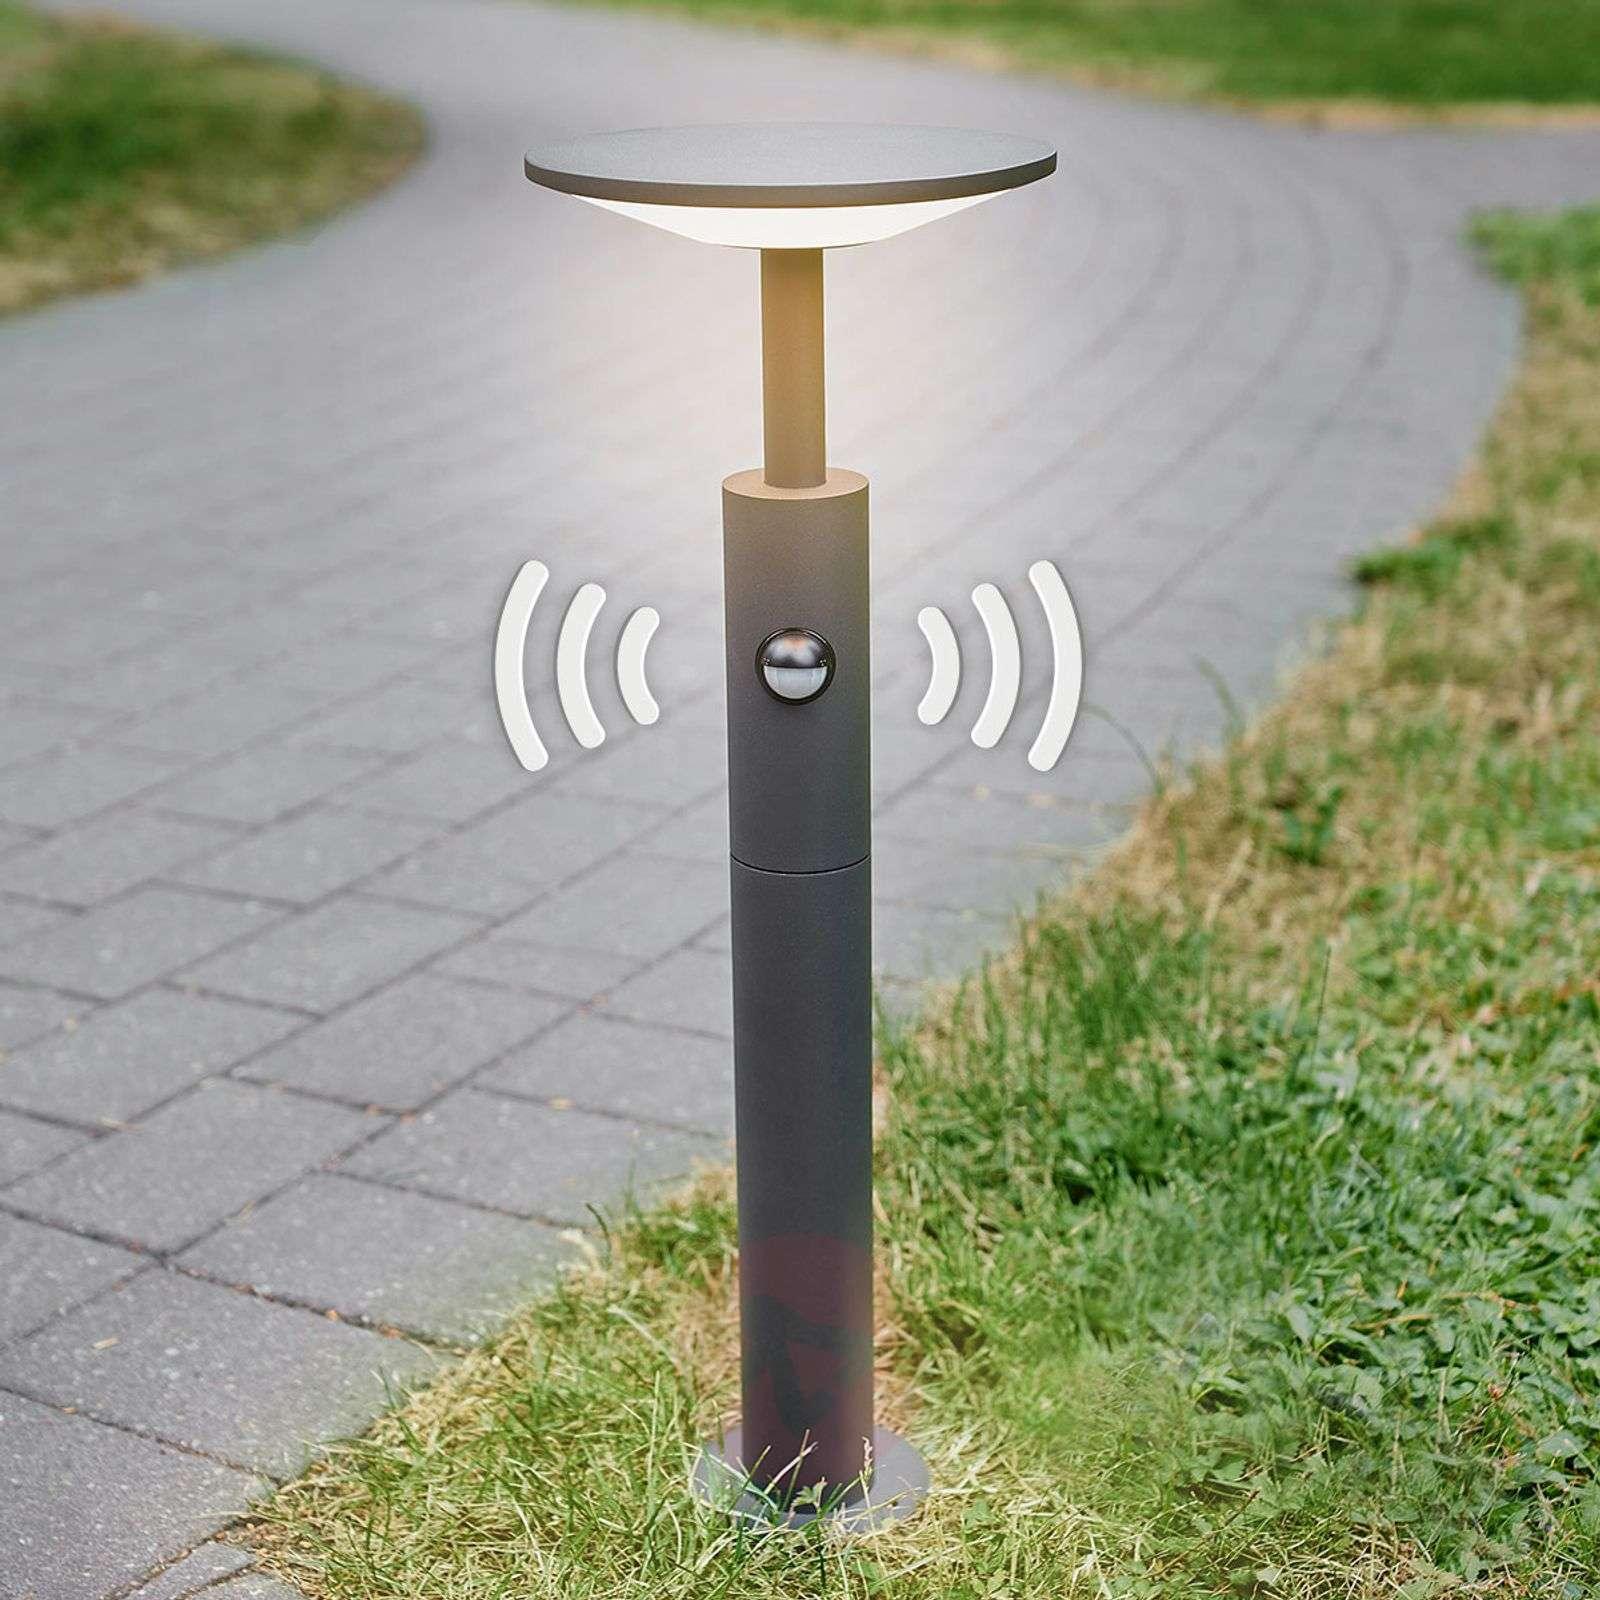 LED-pylväsvalaisin Fenia liiketunnistimella, 60 cm-9619134-020